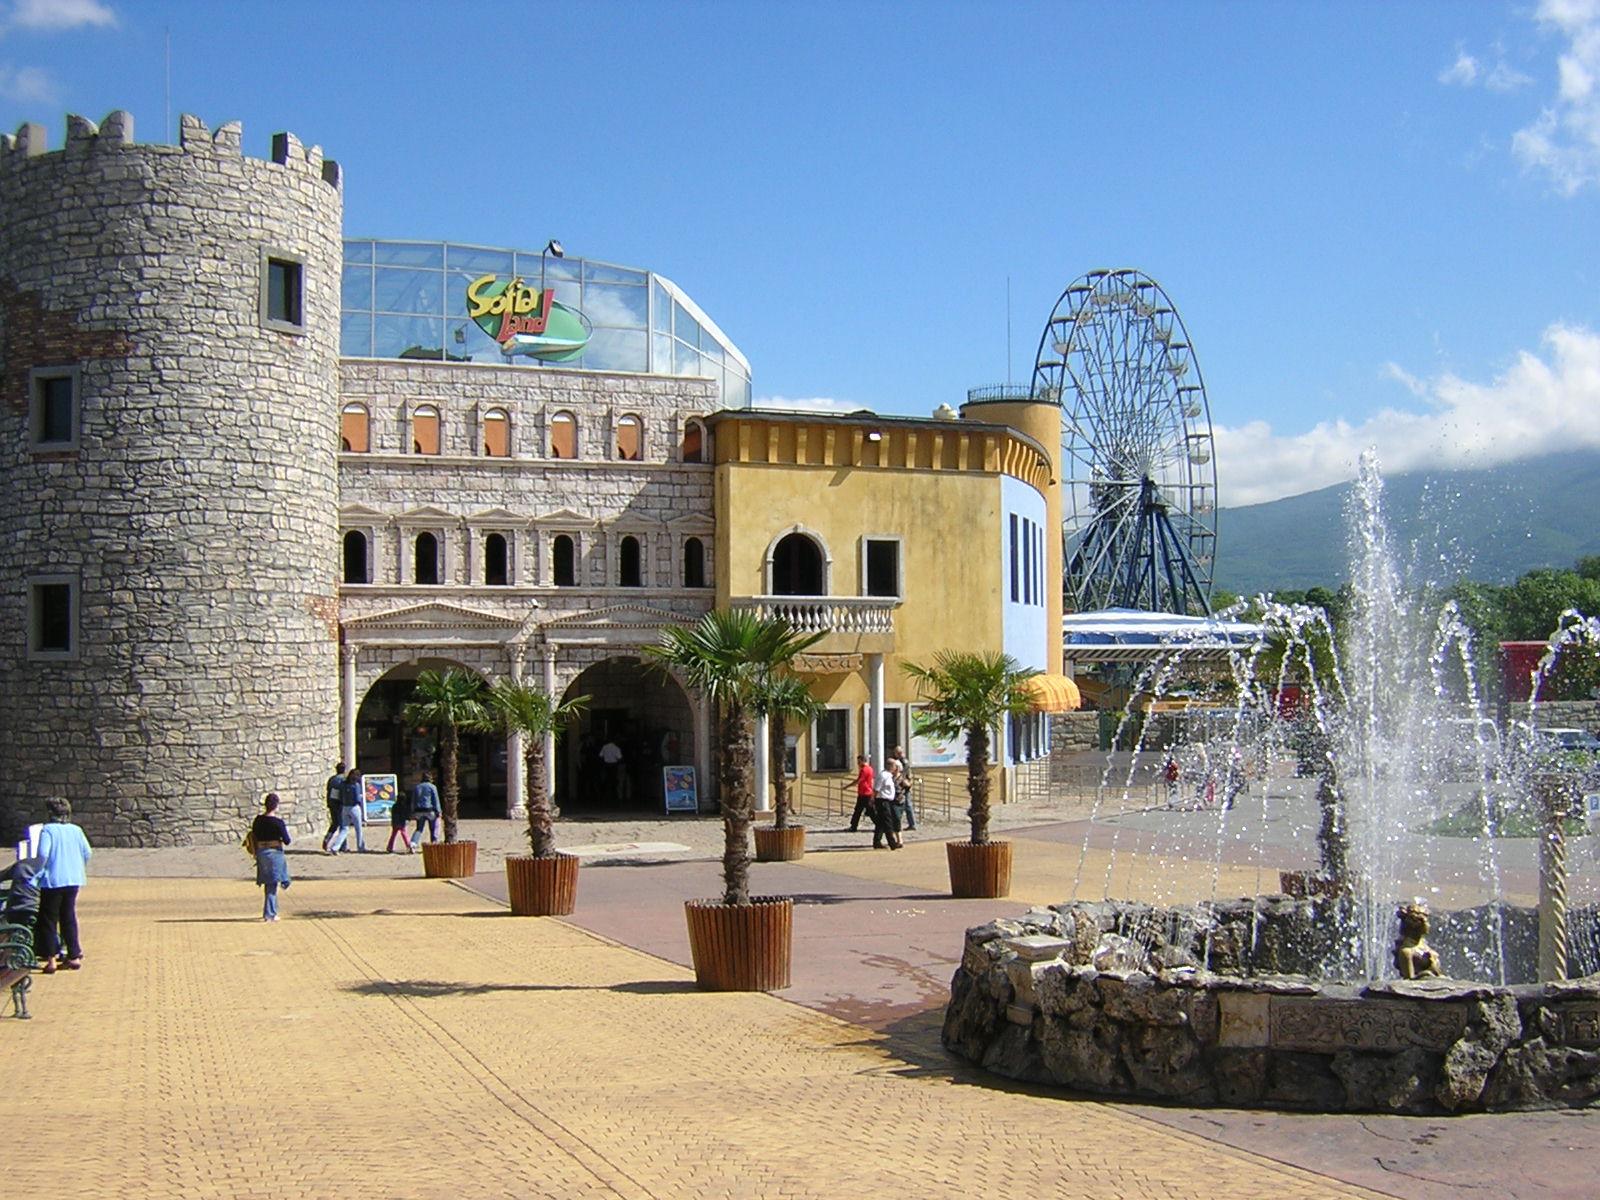 3ήμερη εκδρομή: Σόφια – Φιλιππούπολη – Μ. Ρίλλα – Σαντάνσκι στο πολυτελες ξενοδοχειο SHERATON5*